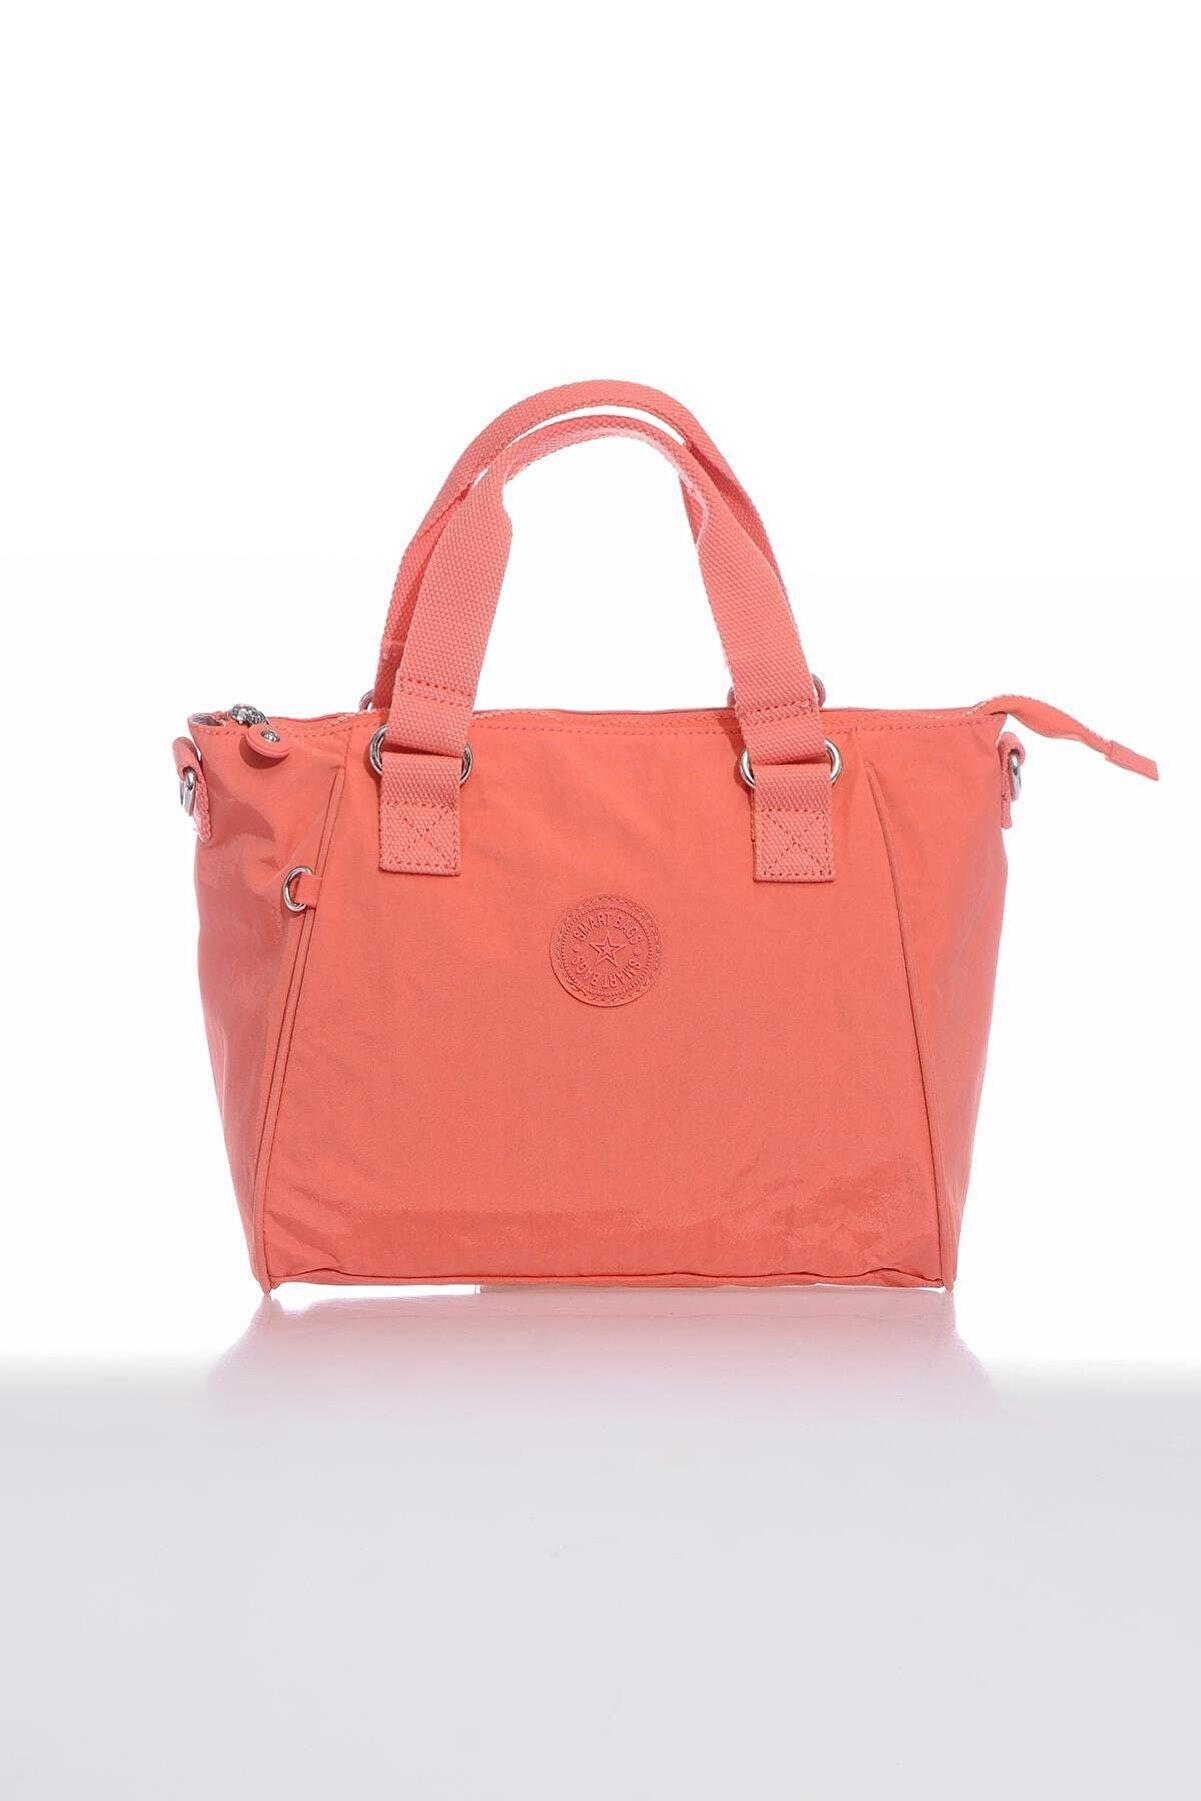 Smart Bags Kadın Omuz Çantası